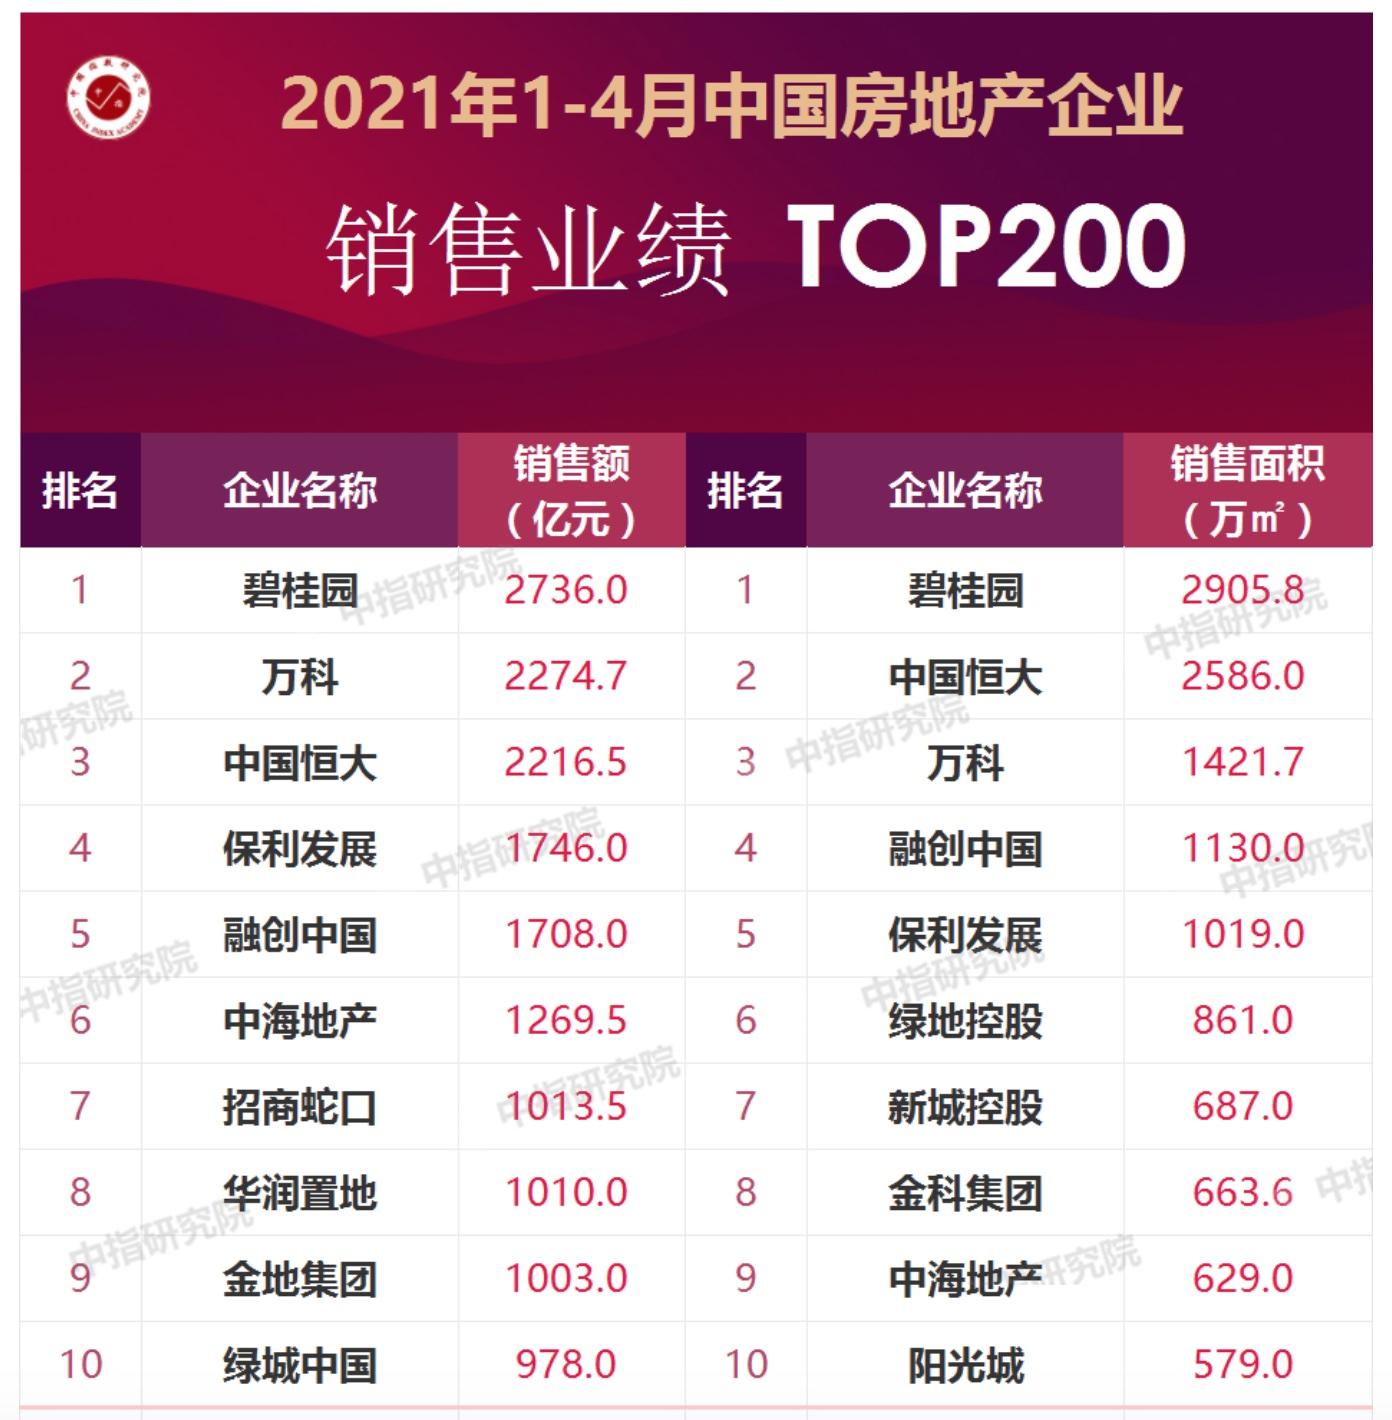 绿地控股掉出1-4月房企销售额TOP10排名 绿城中国成功晋级